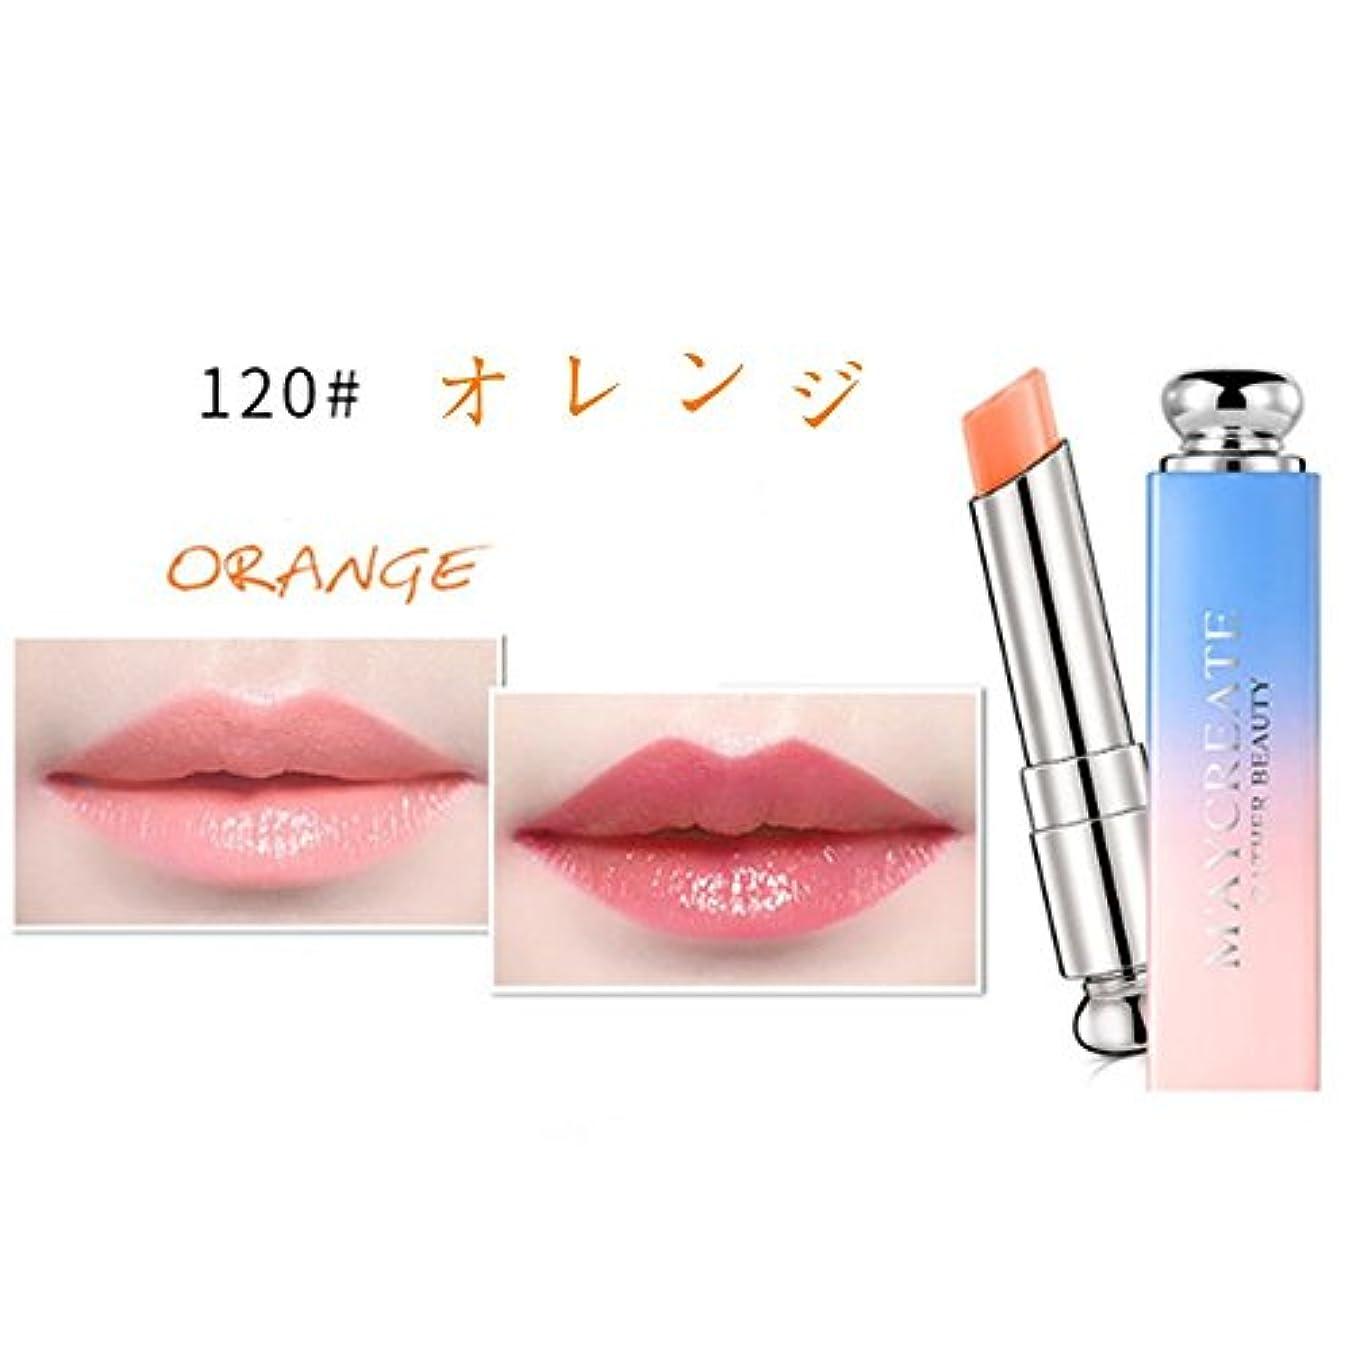 部屋を掃除する増幅舌なリップスティック うるおい 口紅 唇の温度で色が変化するリップ 優れる発色力 保湿 長持ち 3.8g (120#)